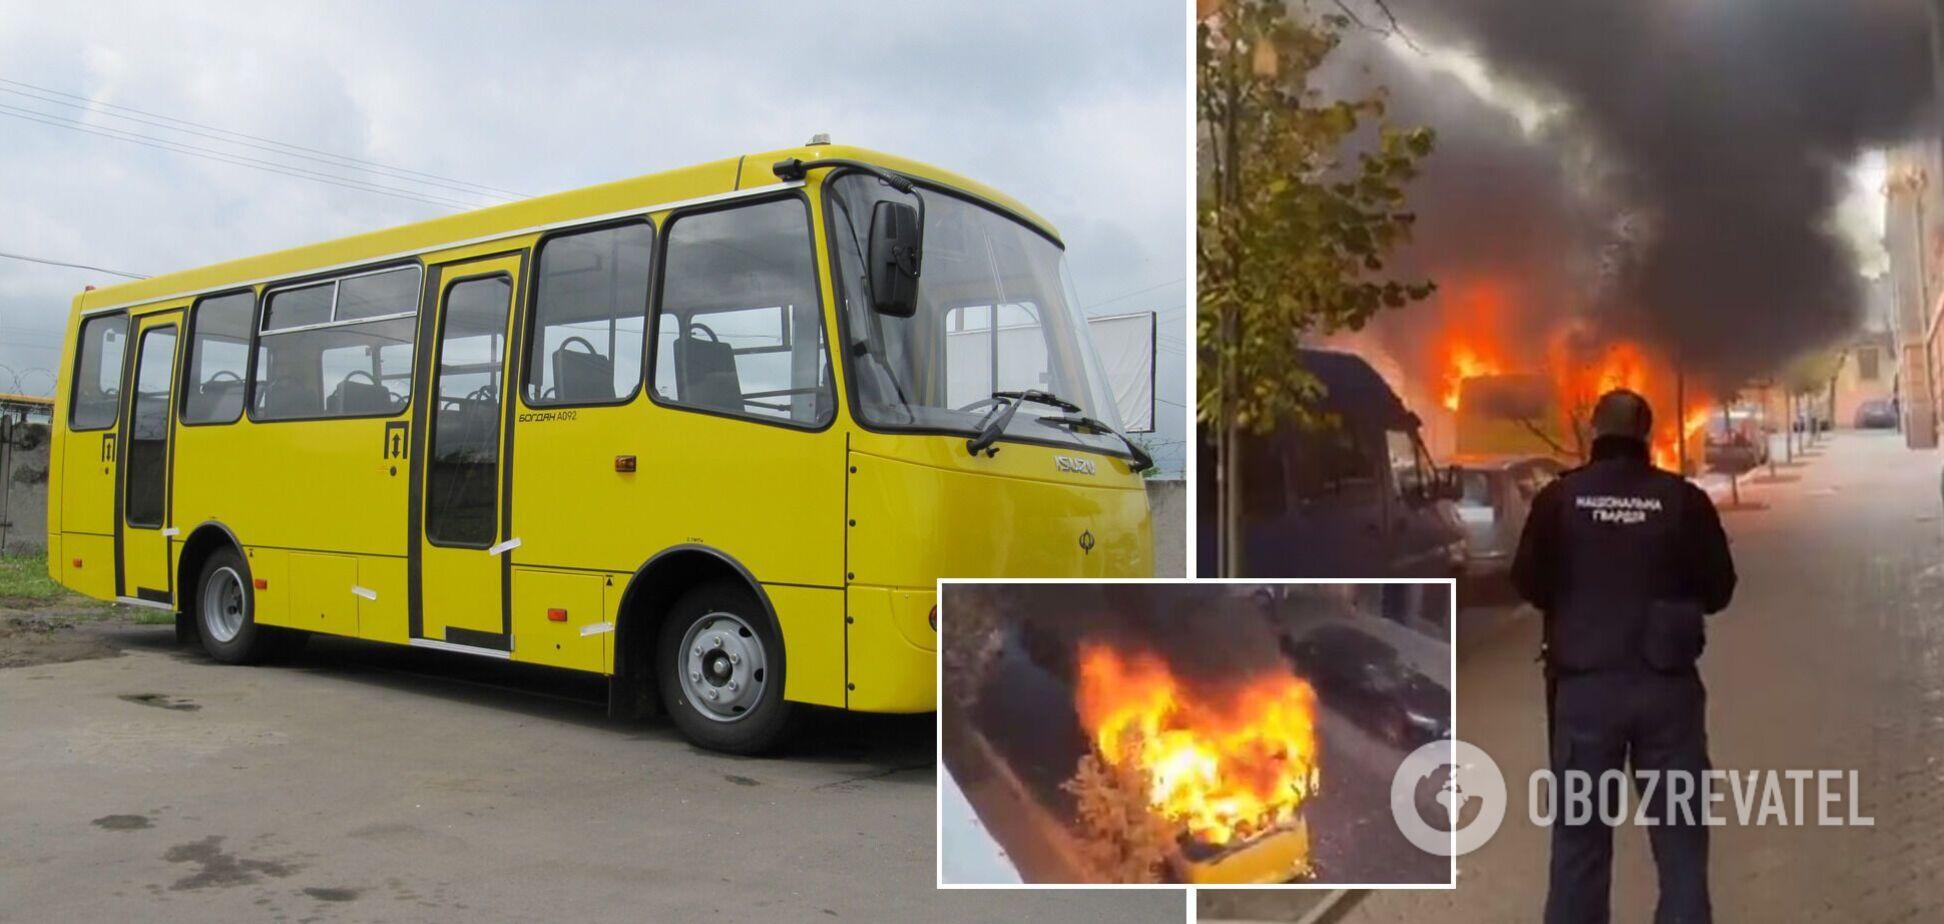 У Чернівцях посеред вулиці спалахнула маршрутка, піднявся стовп вогню і диму. Фото і відео